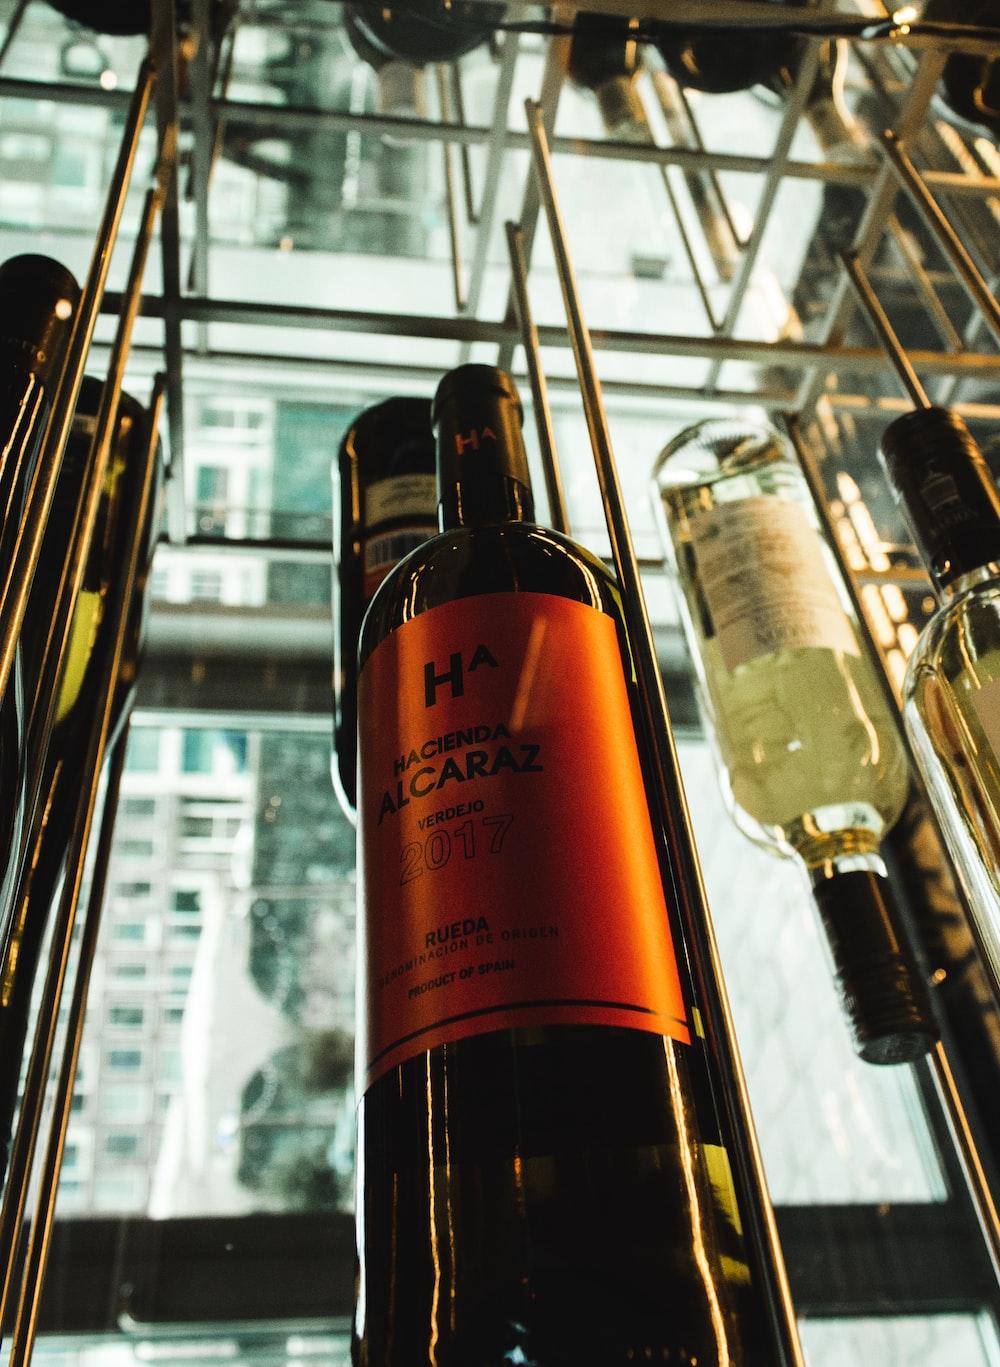 orange labeled wine bottle